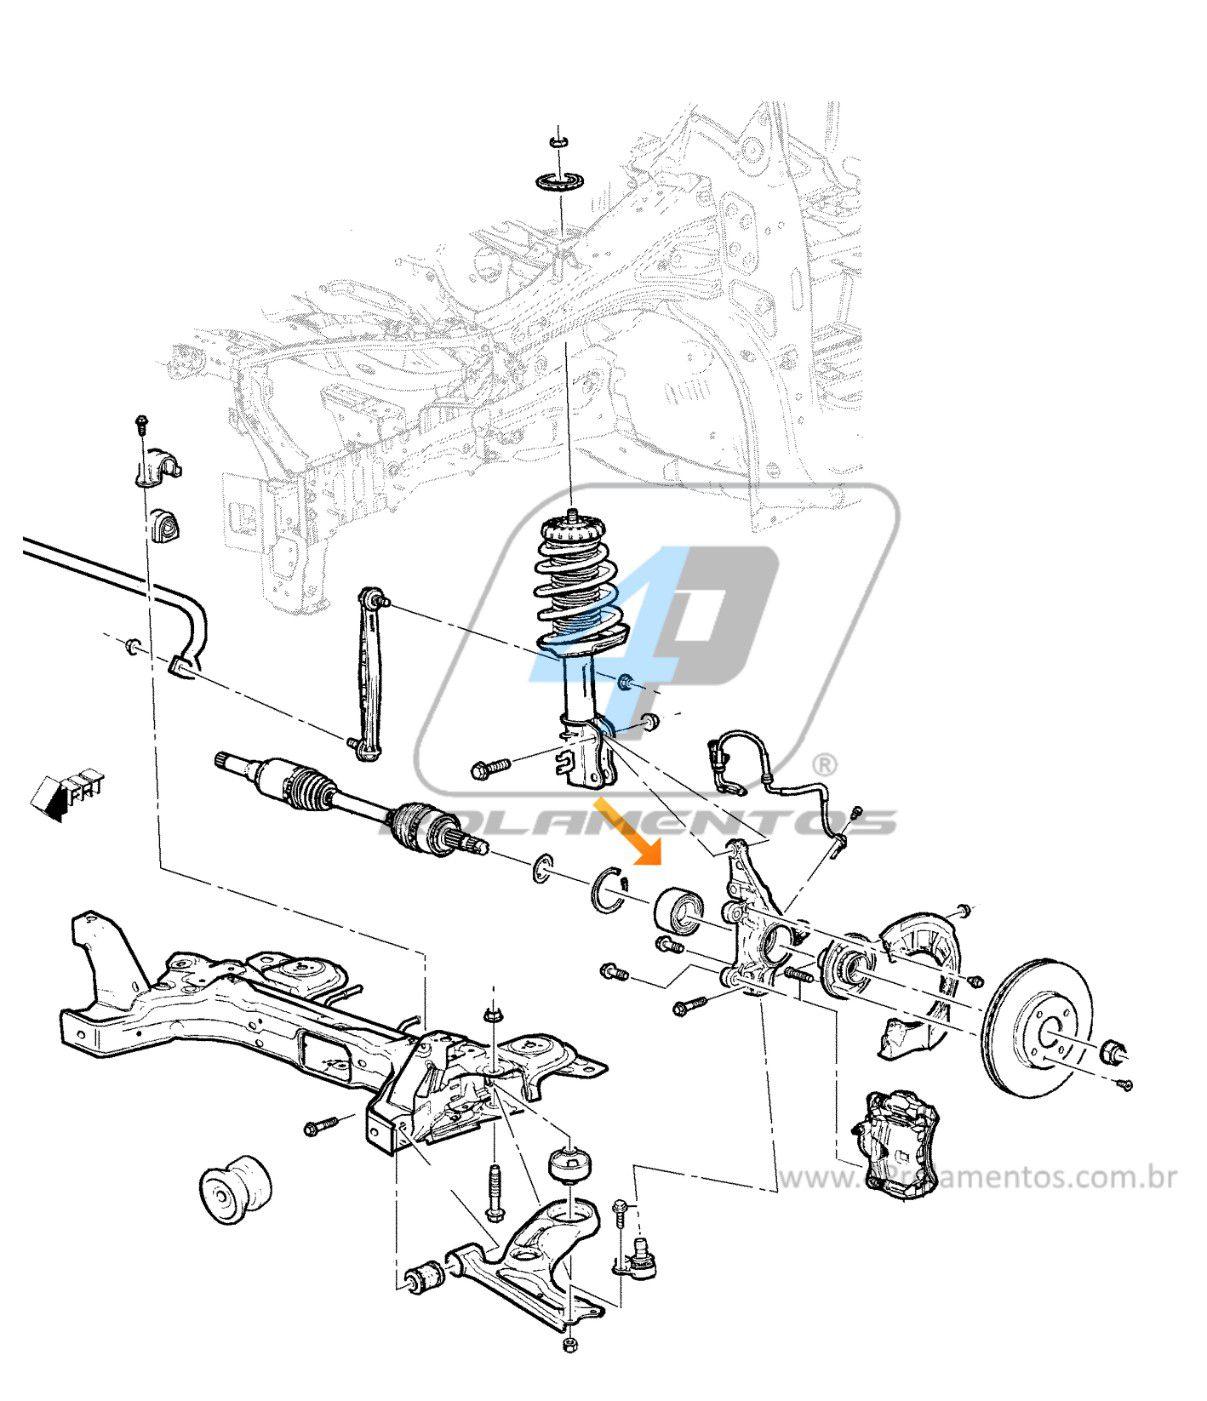 Rolamento de Roda Dianteira CHEVROLET Spin 2013 até 2017